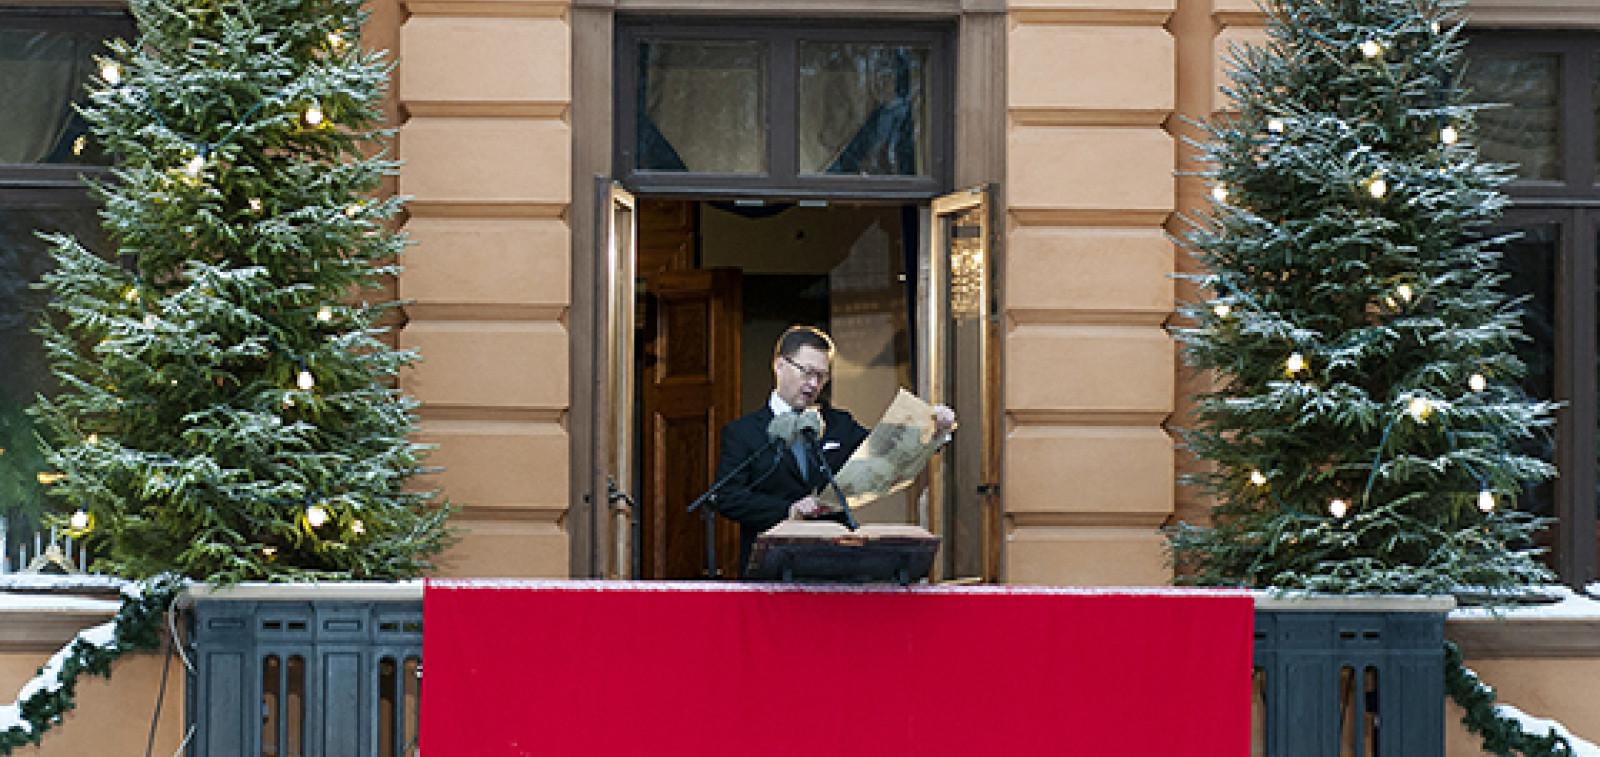 Mika Akkanen julistaa joulurauhan Brinkkalan parvekkeelta